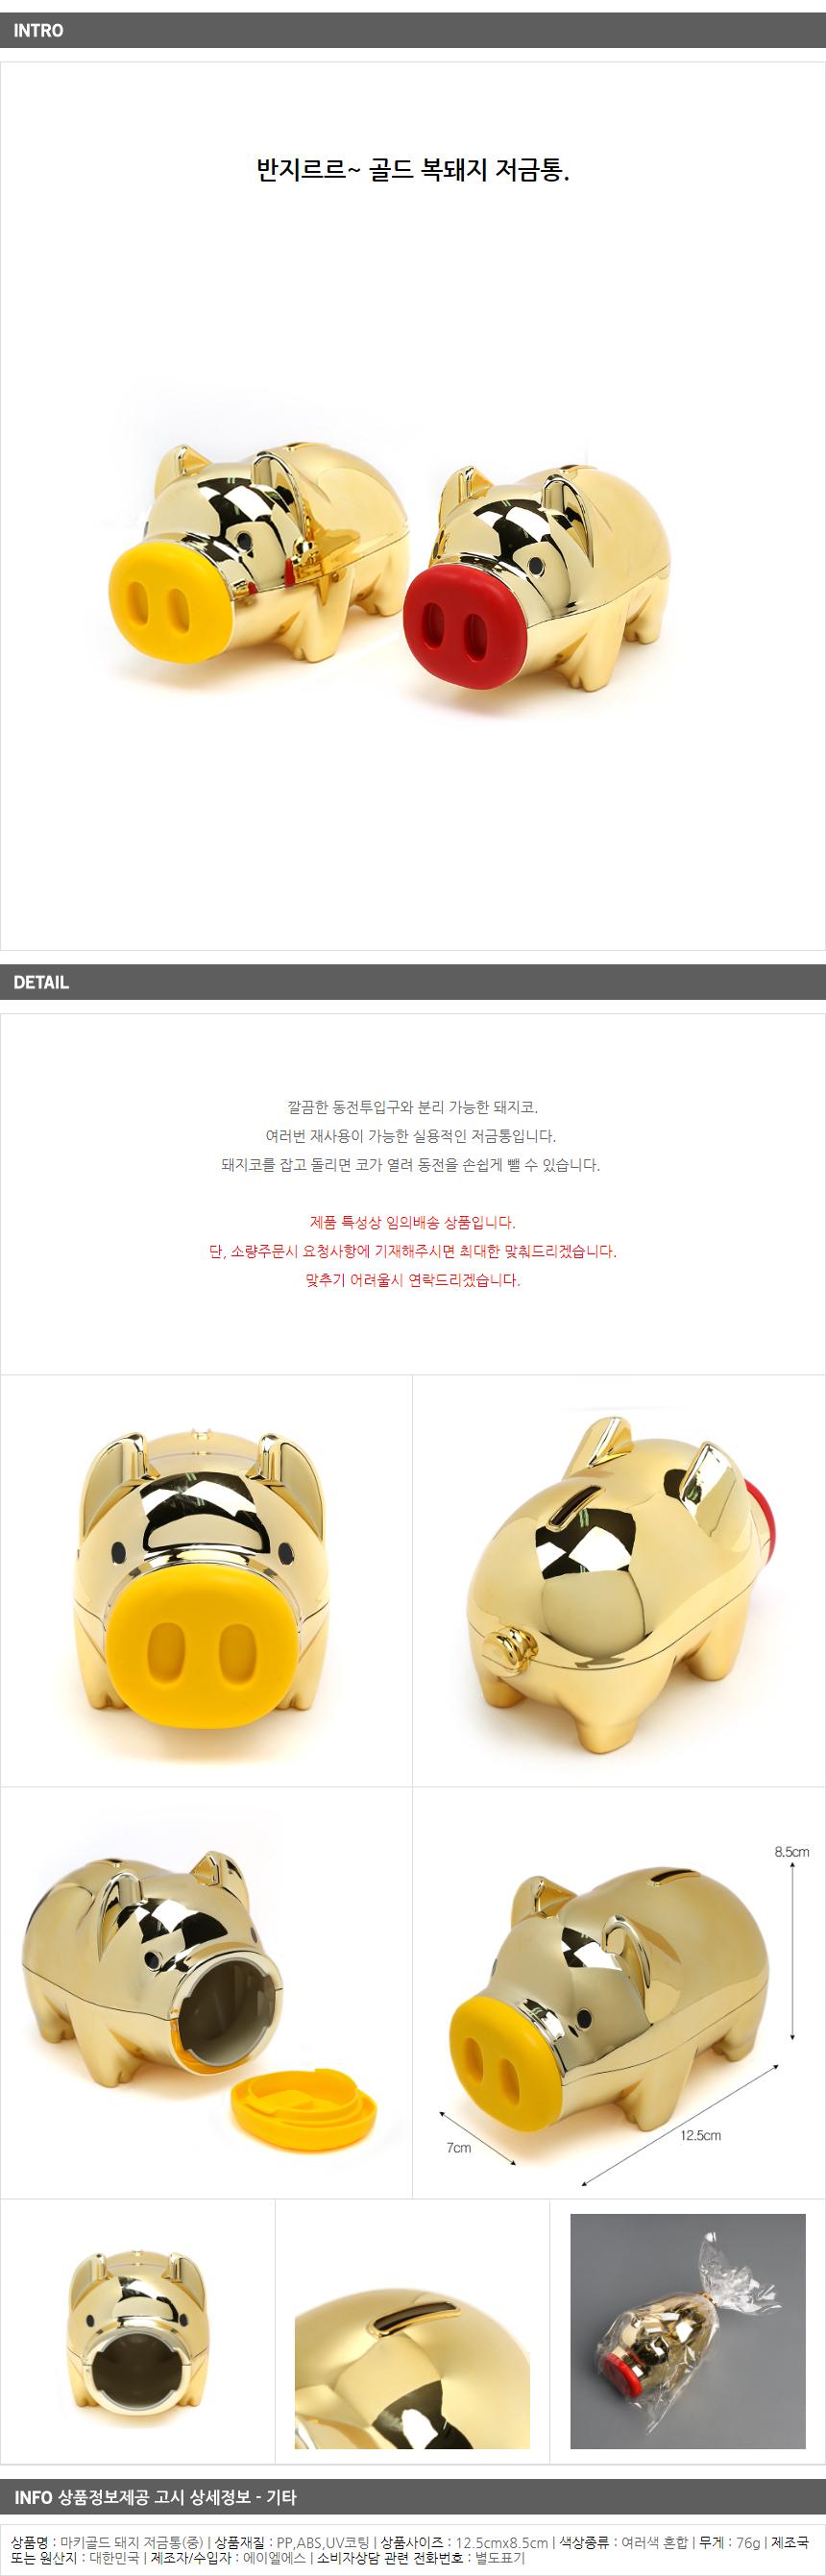 황금돼지 저금통 동전모으기 복돼지저금통 - 기프트갓, 3,390원, 데스크소품, 저금통